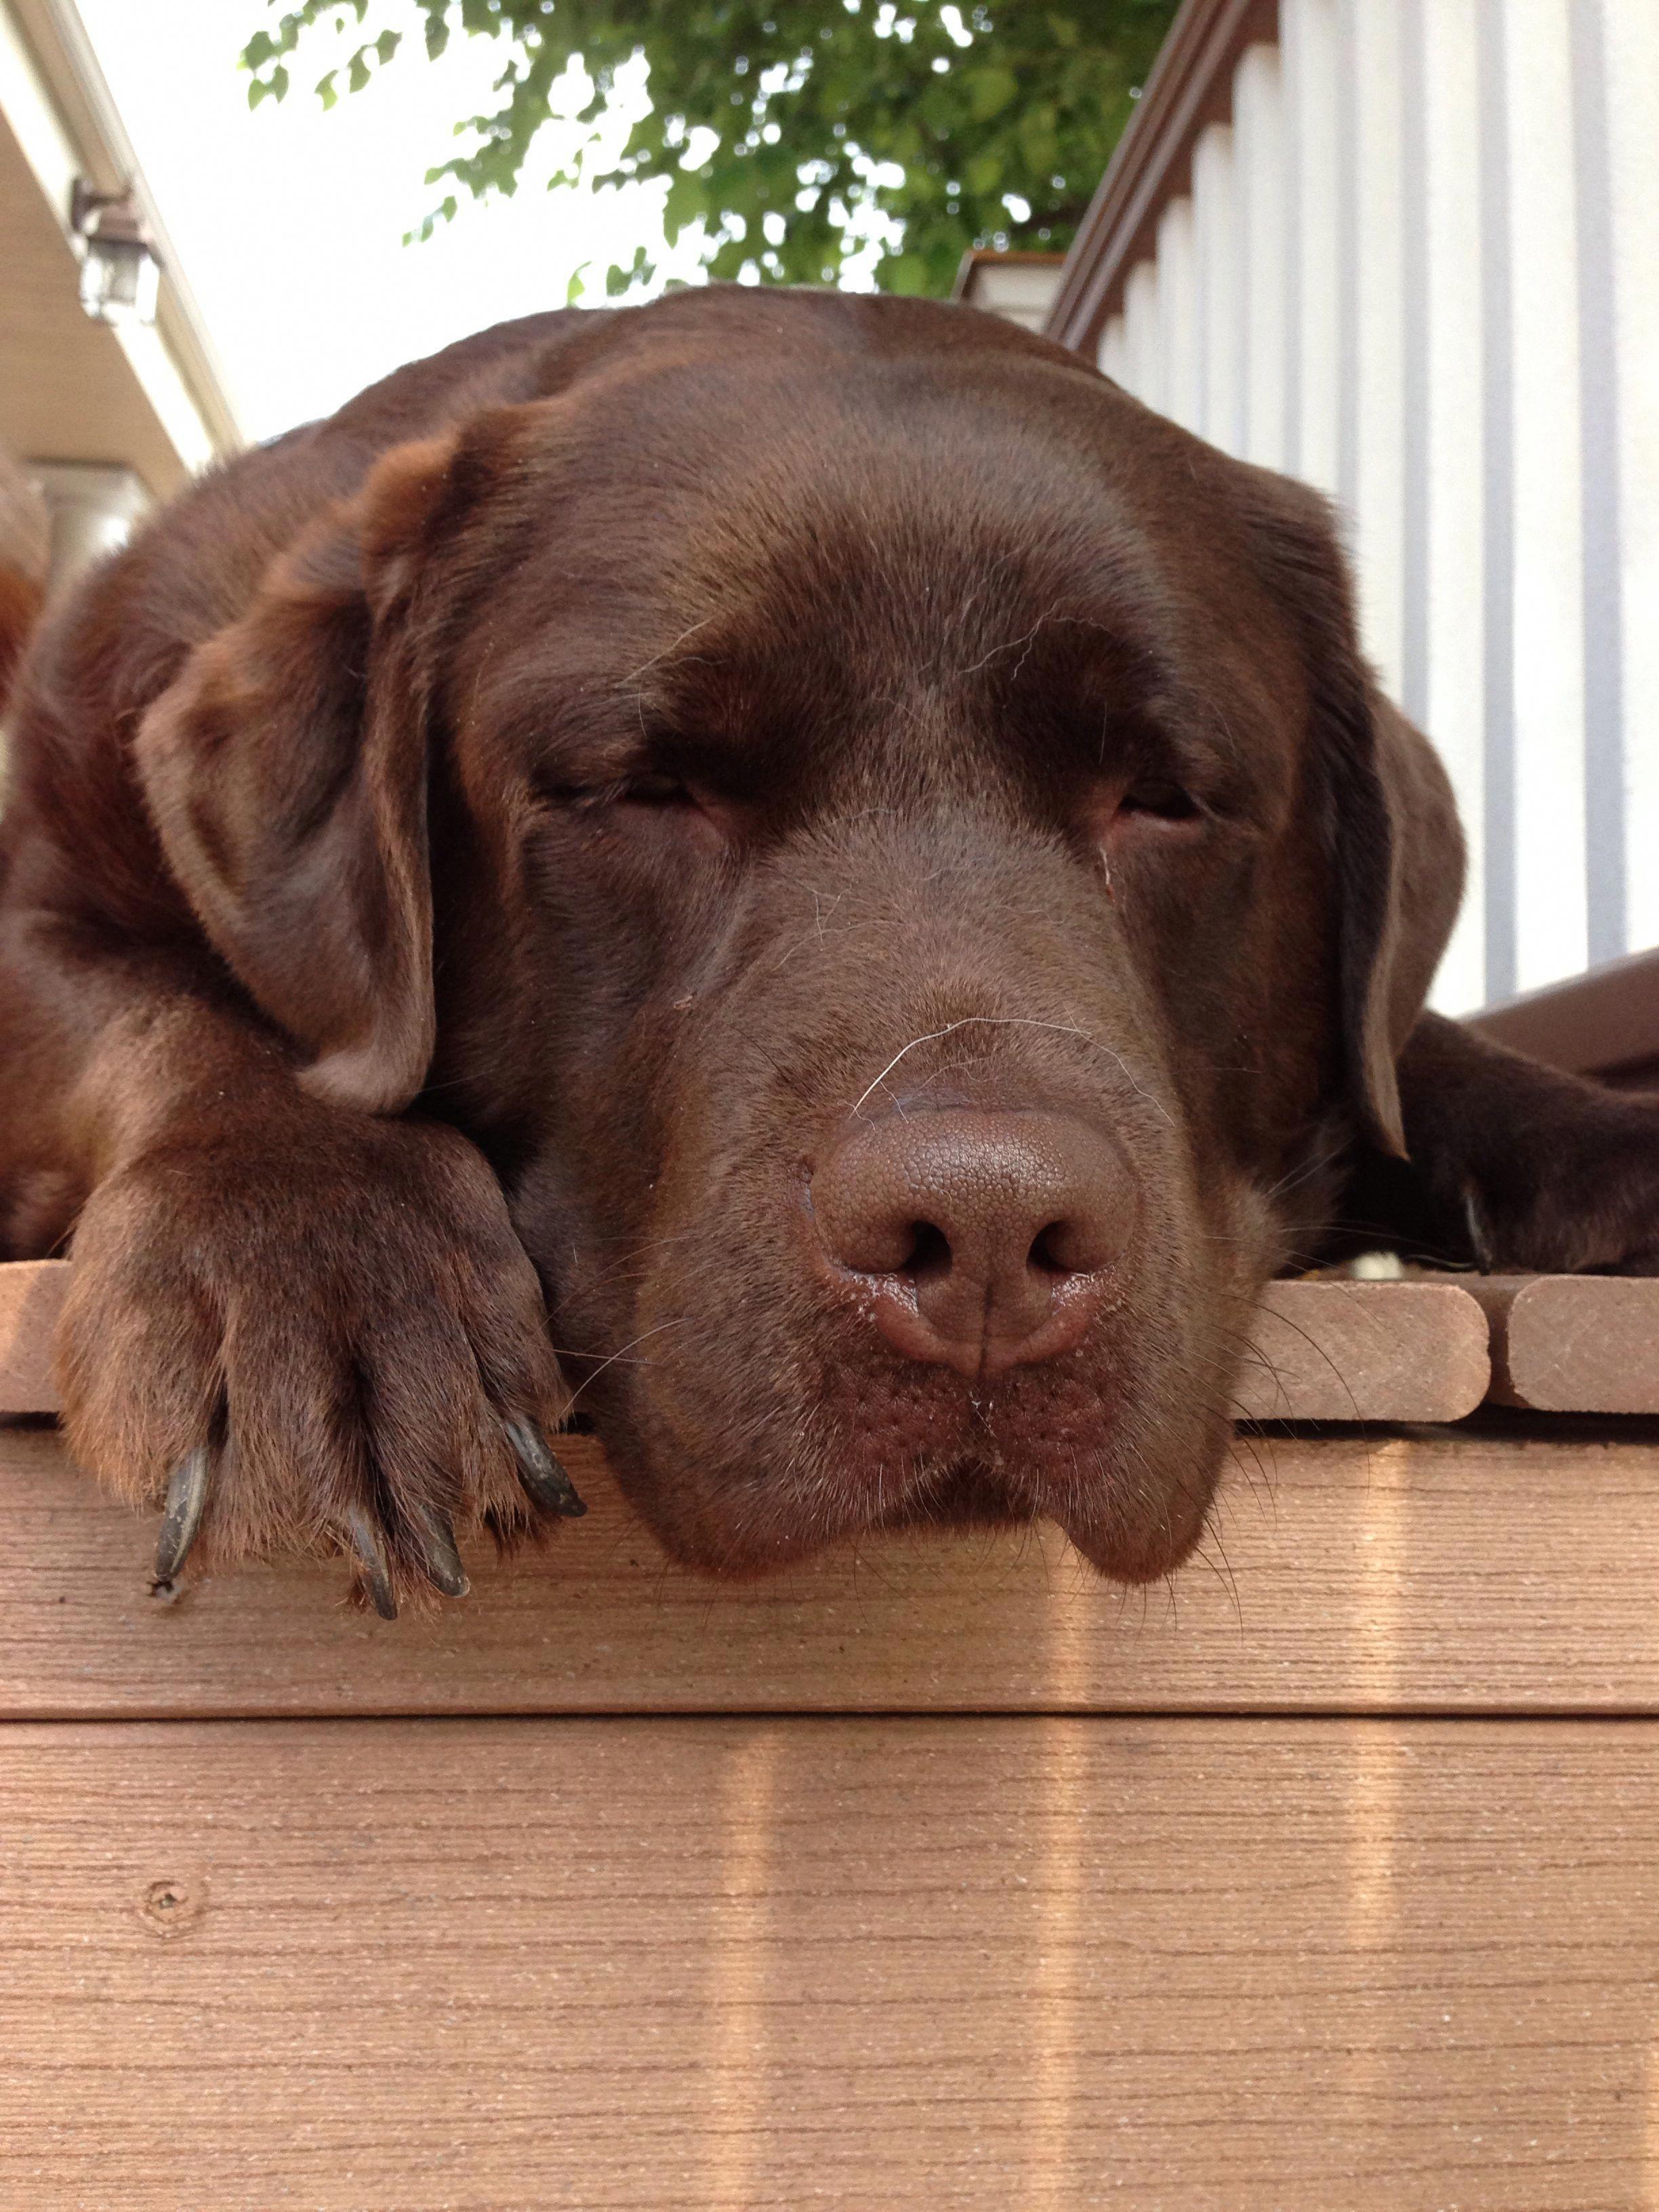 Determine Even More Info On Chocolate Labrador Look Into Our Website Labradorretrieve Labrador Retriever Labrador Retriever Dog Chocolate Labrador Retriever